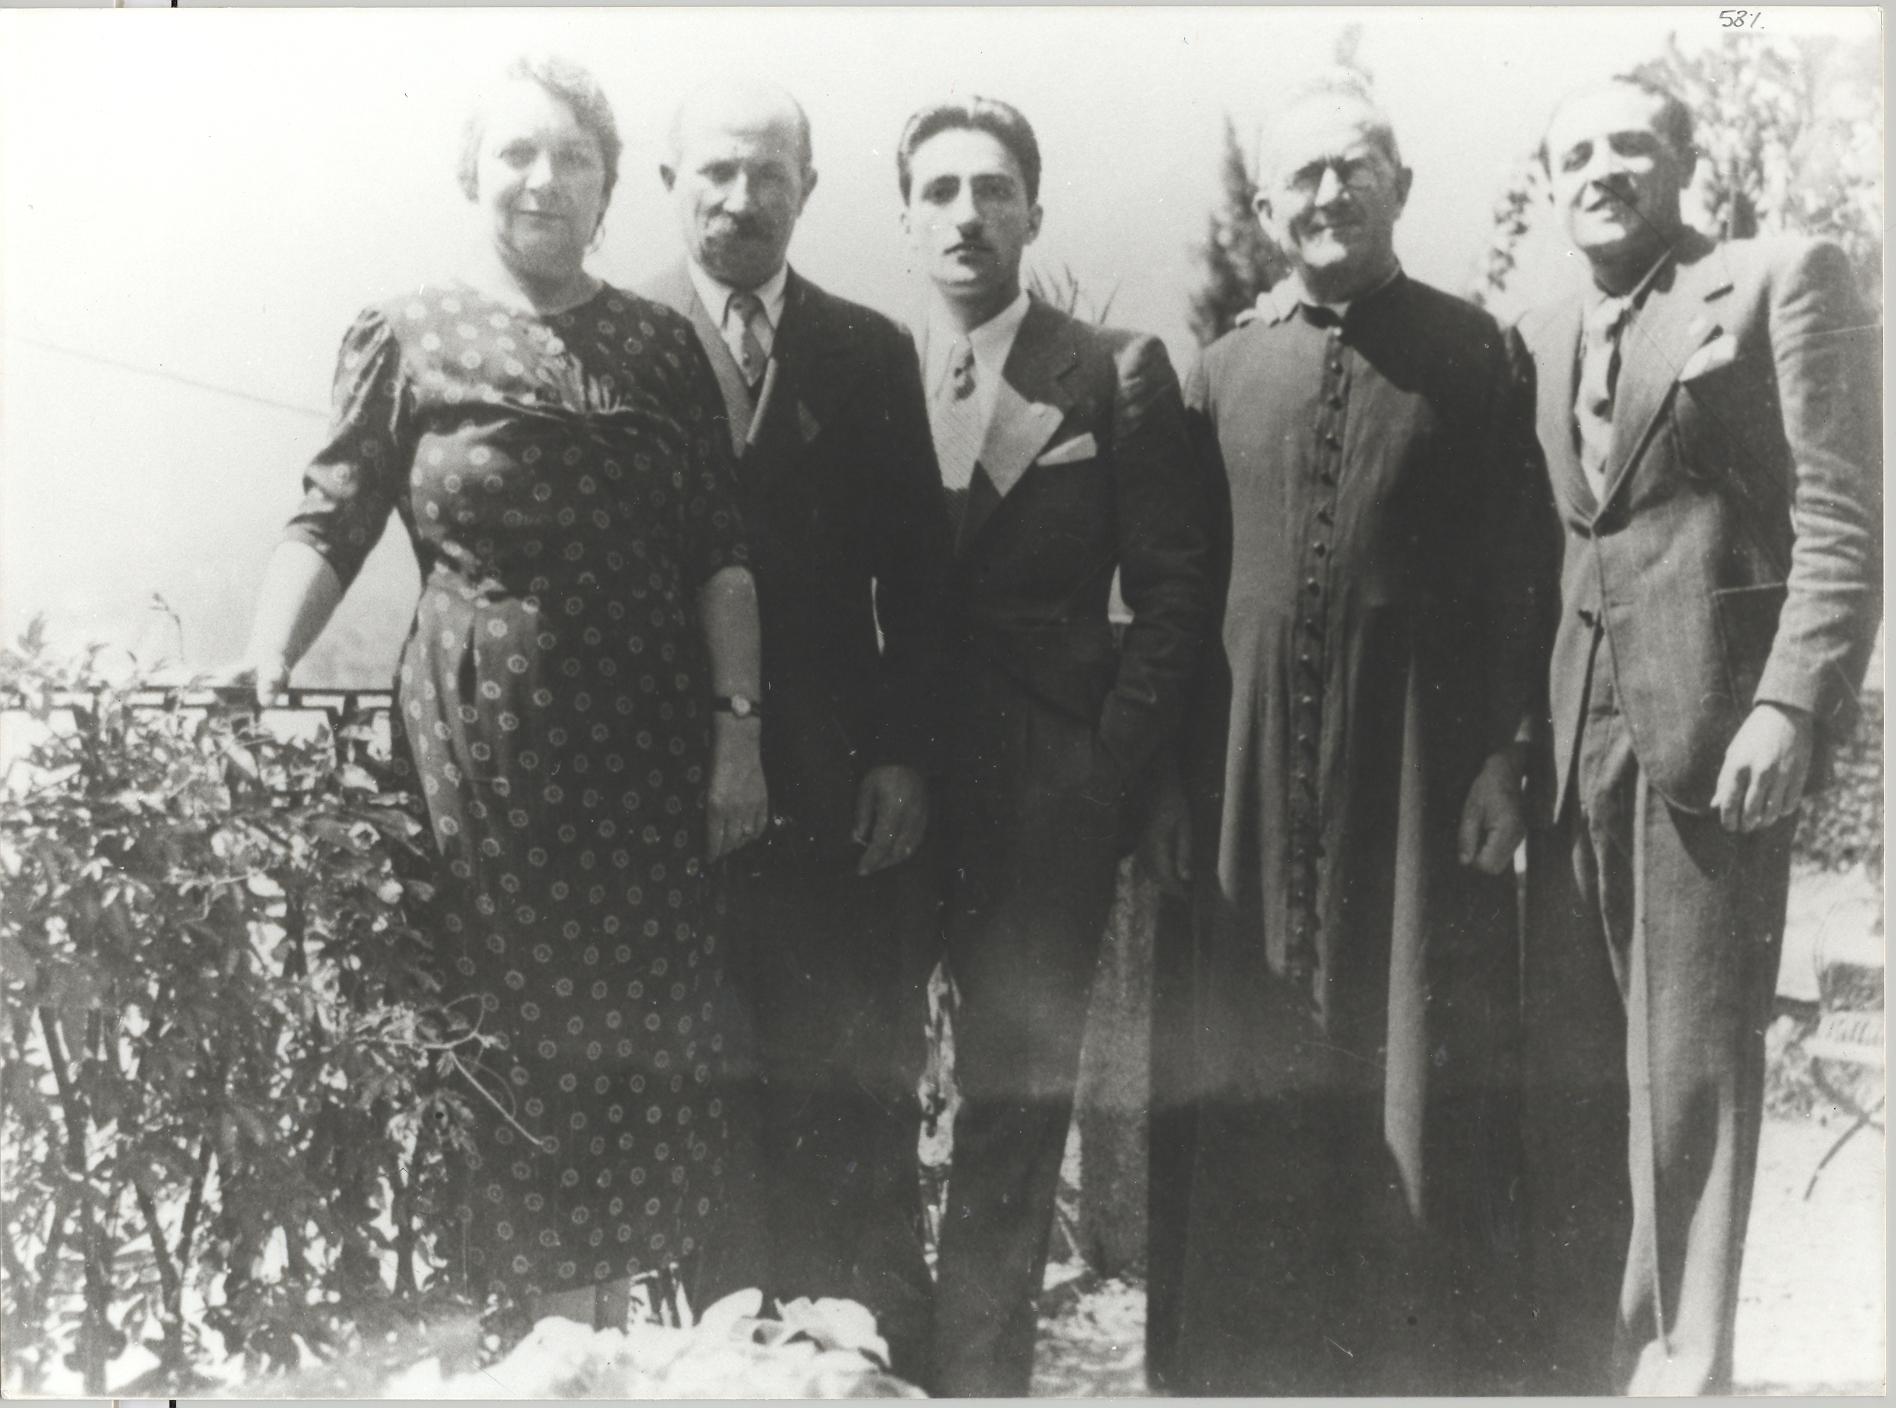 La famiglia Olivelli; da sinistra i genitori del SdD, Teresio, lo zio Mons. Invernizzi e il        f